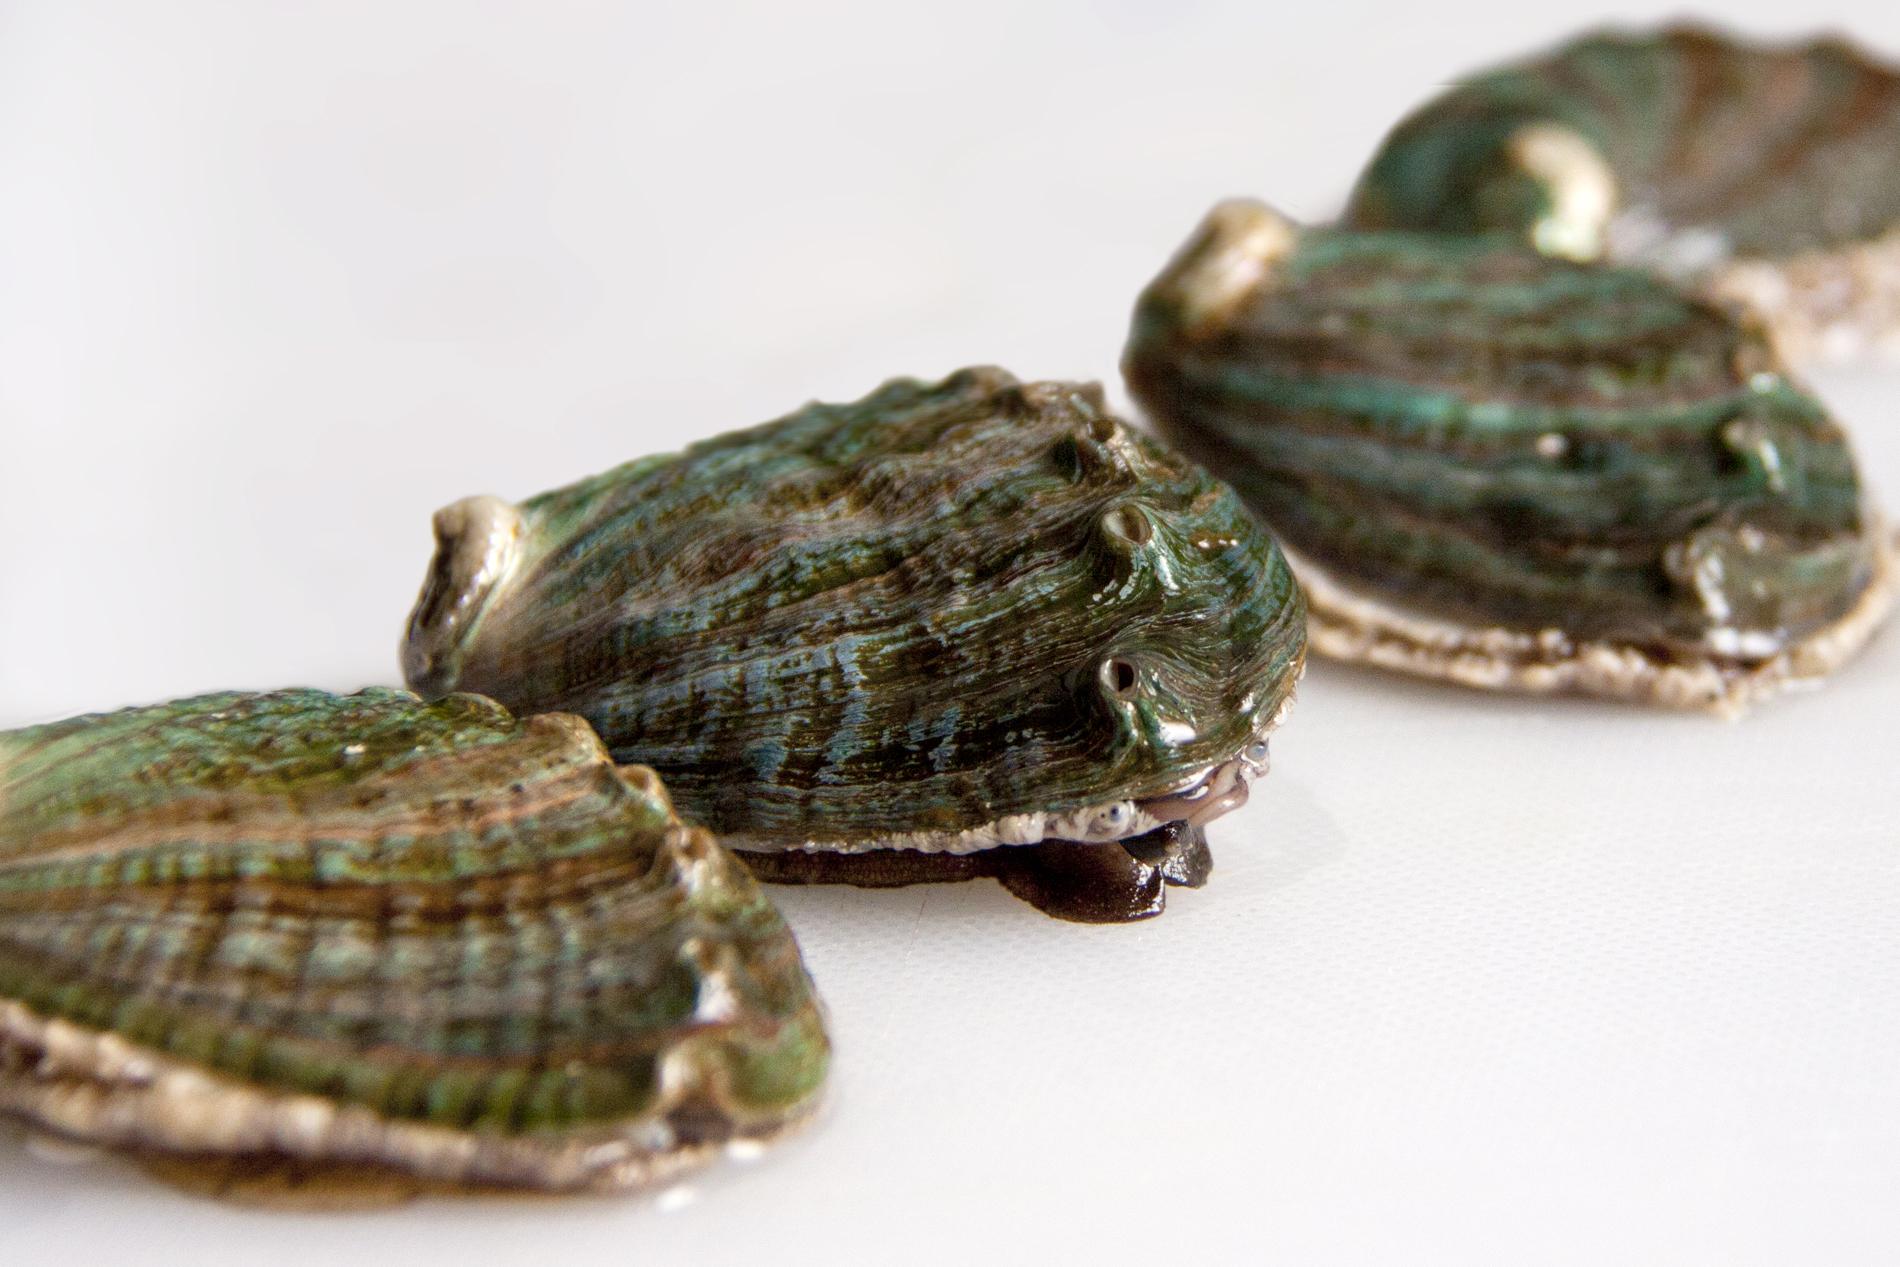 Abalon, a delicacy of the sea